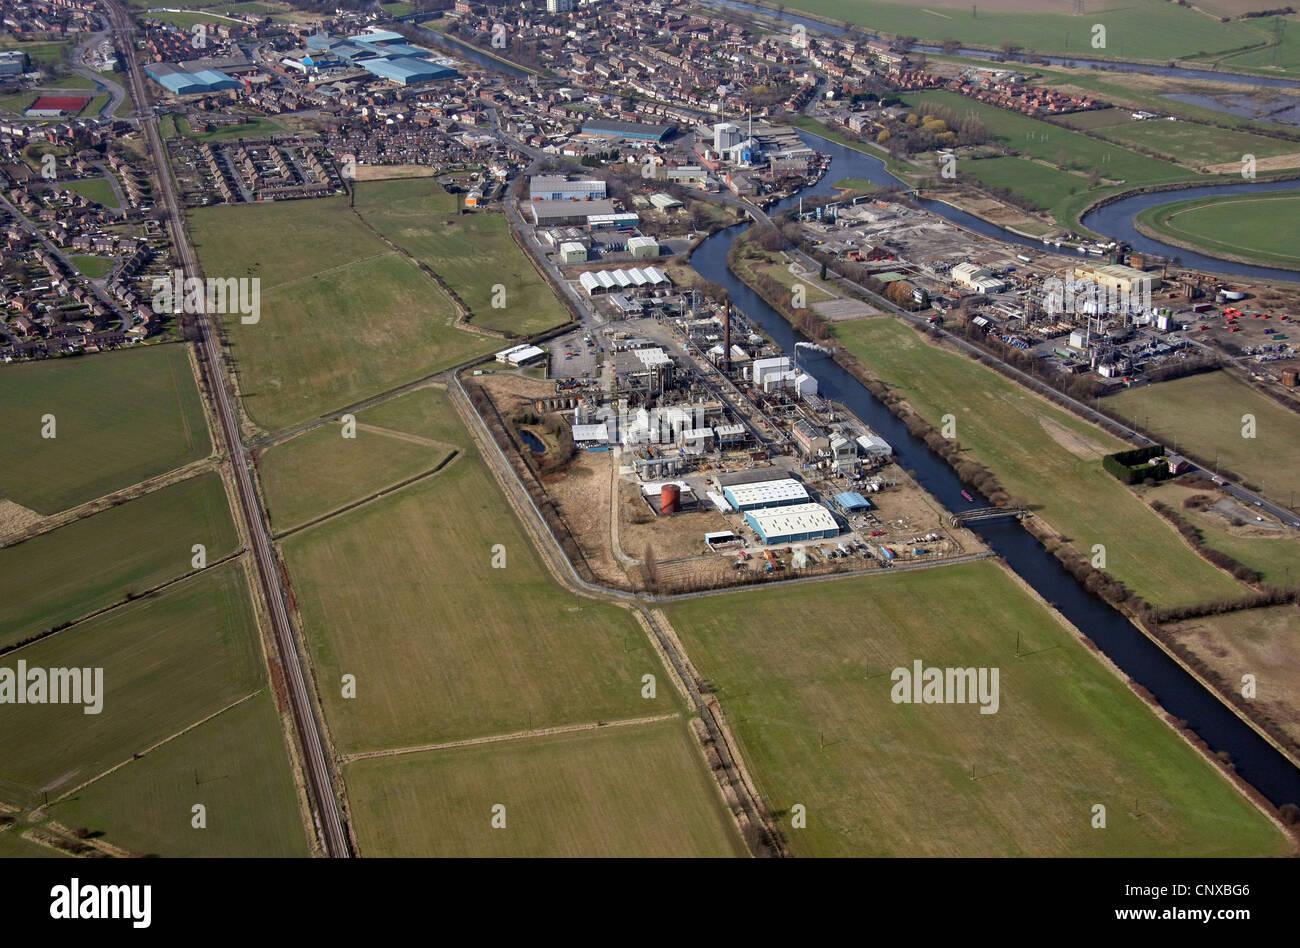 Vista aérea de una fábrica de productos químicos en el carril común, Knottingley, West Yorkshire Imagen De Stock